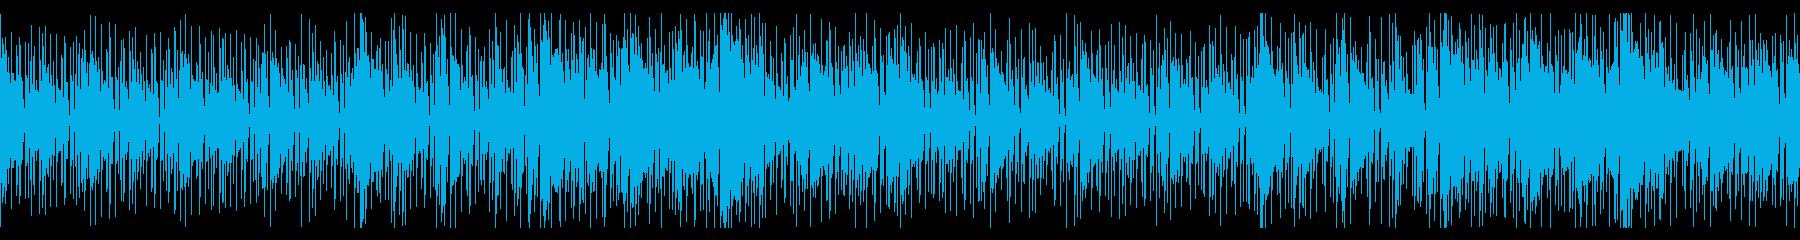 夏の浜辺を感じるボサノバループ曲の再生済みの波形